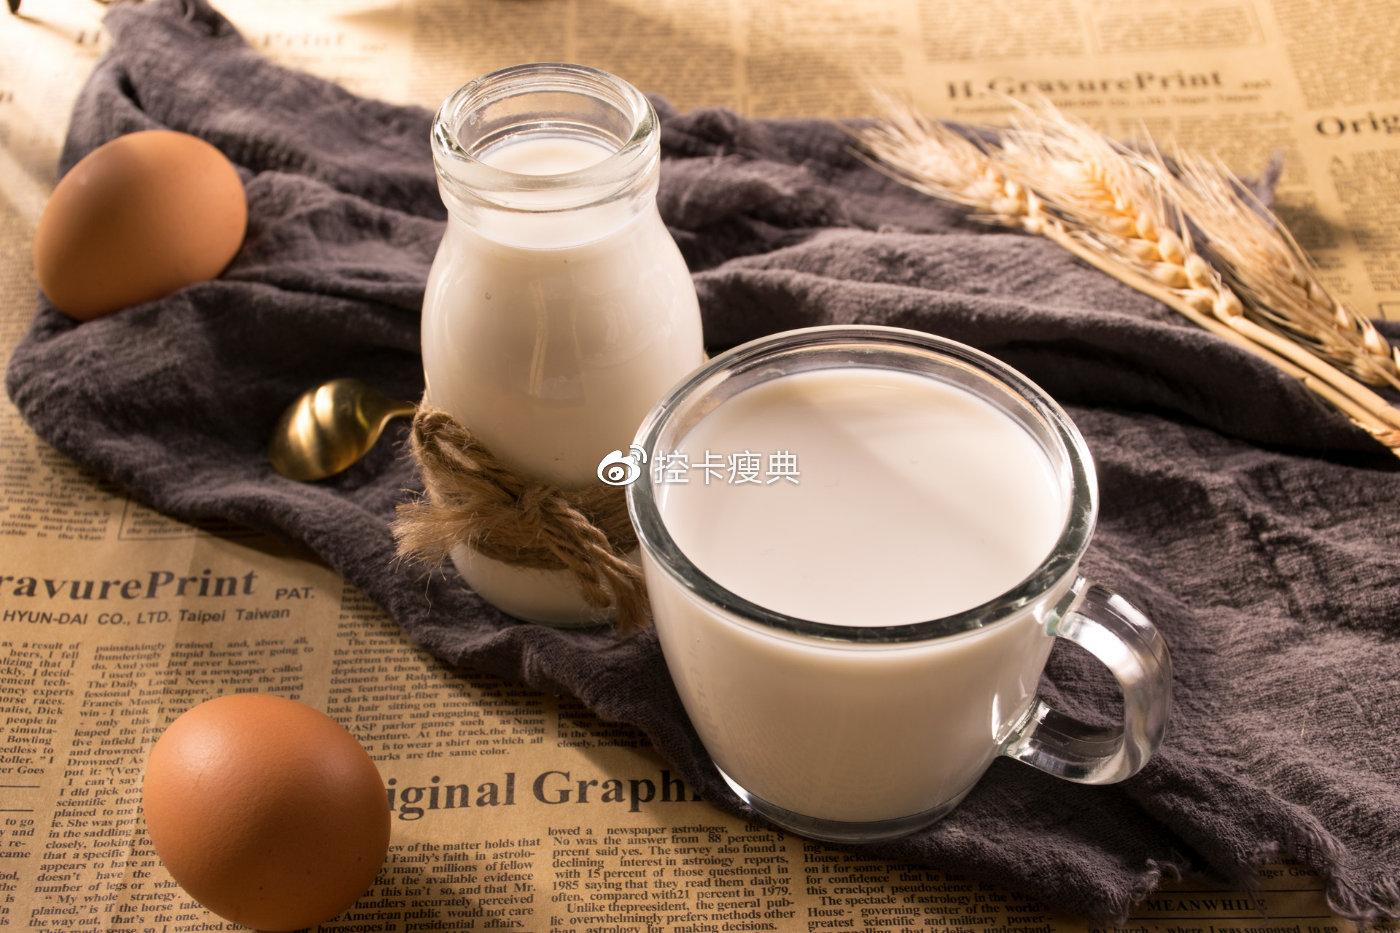 牛奶鸡蛋是补充蛋白的好来源